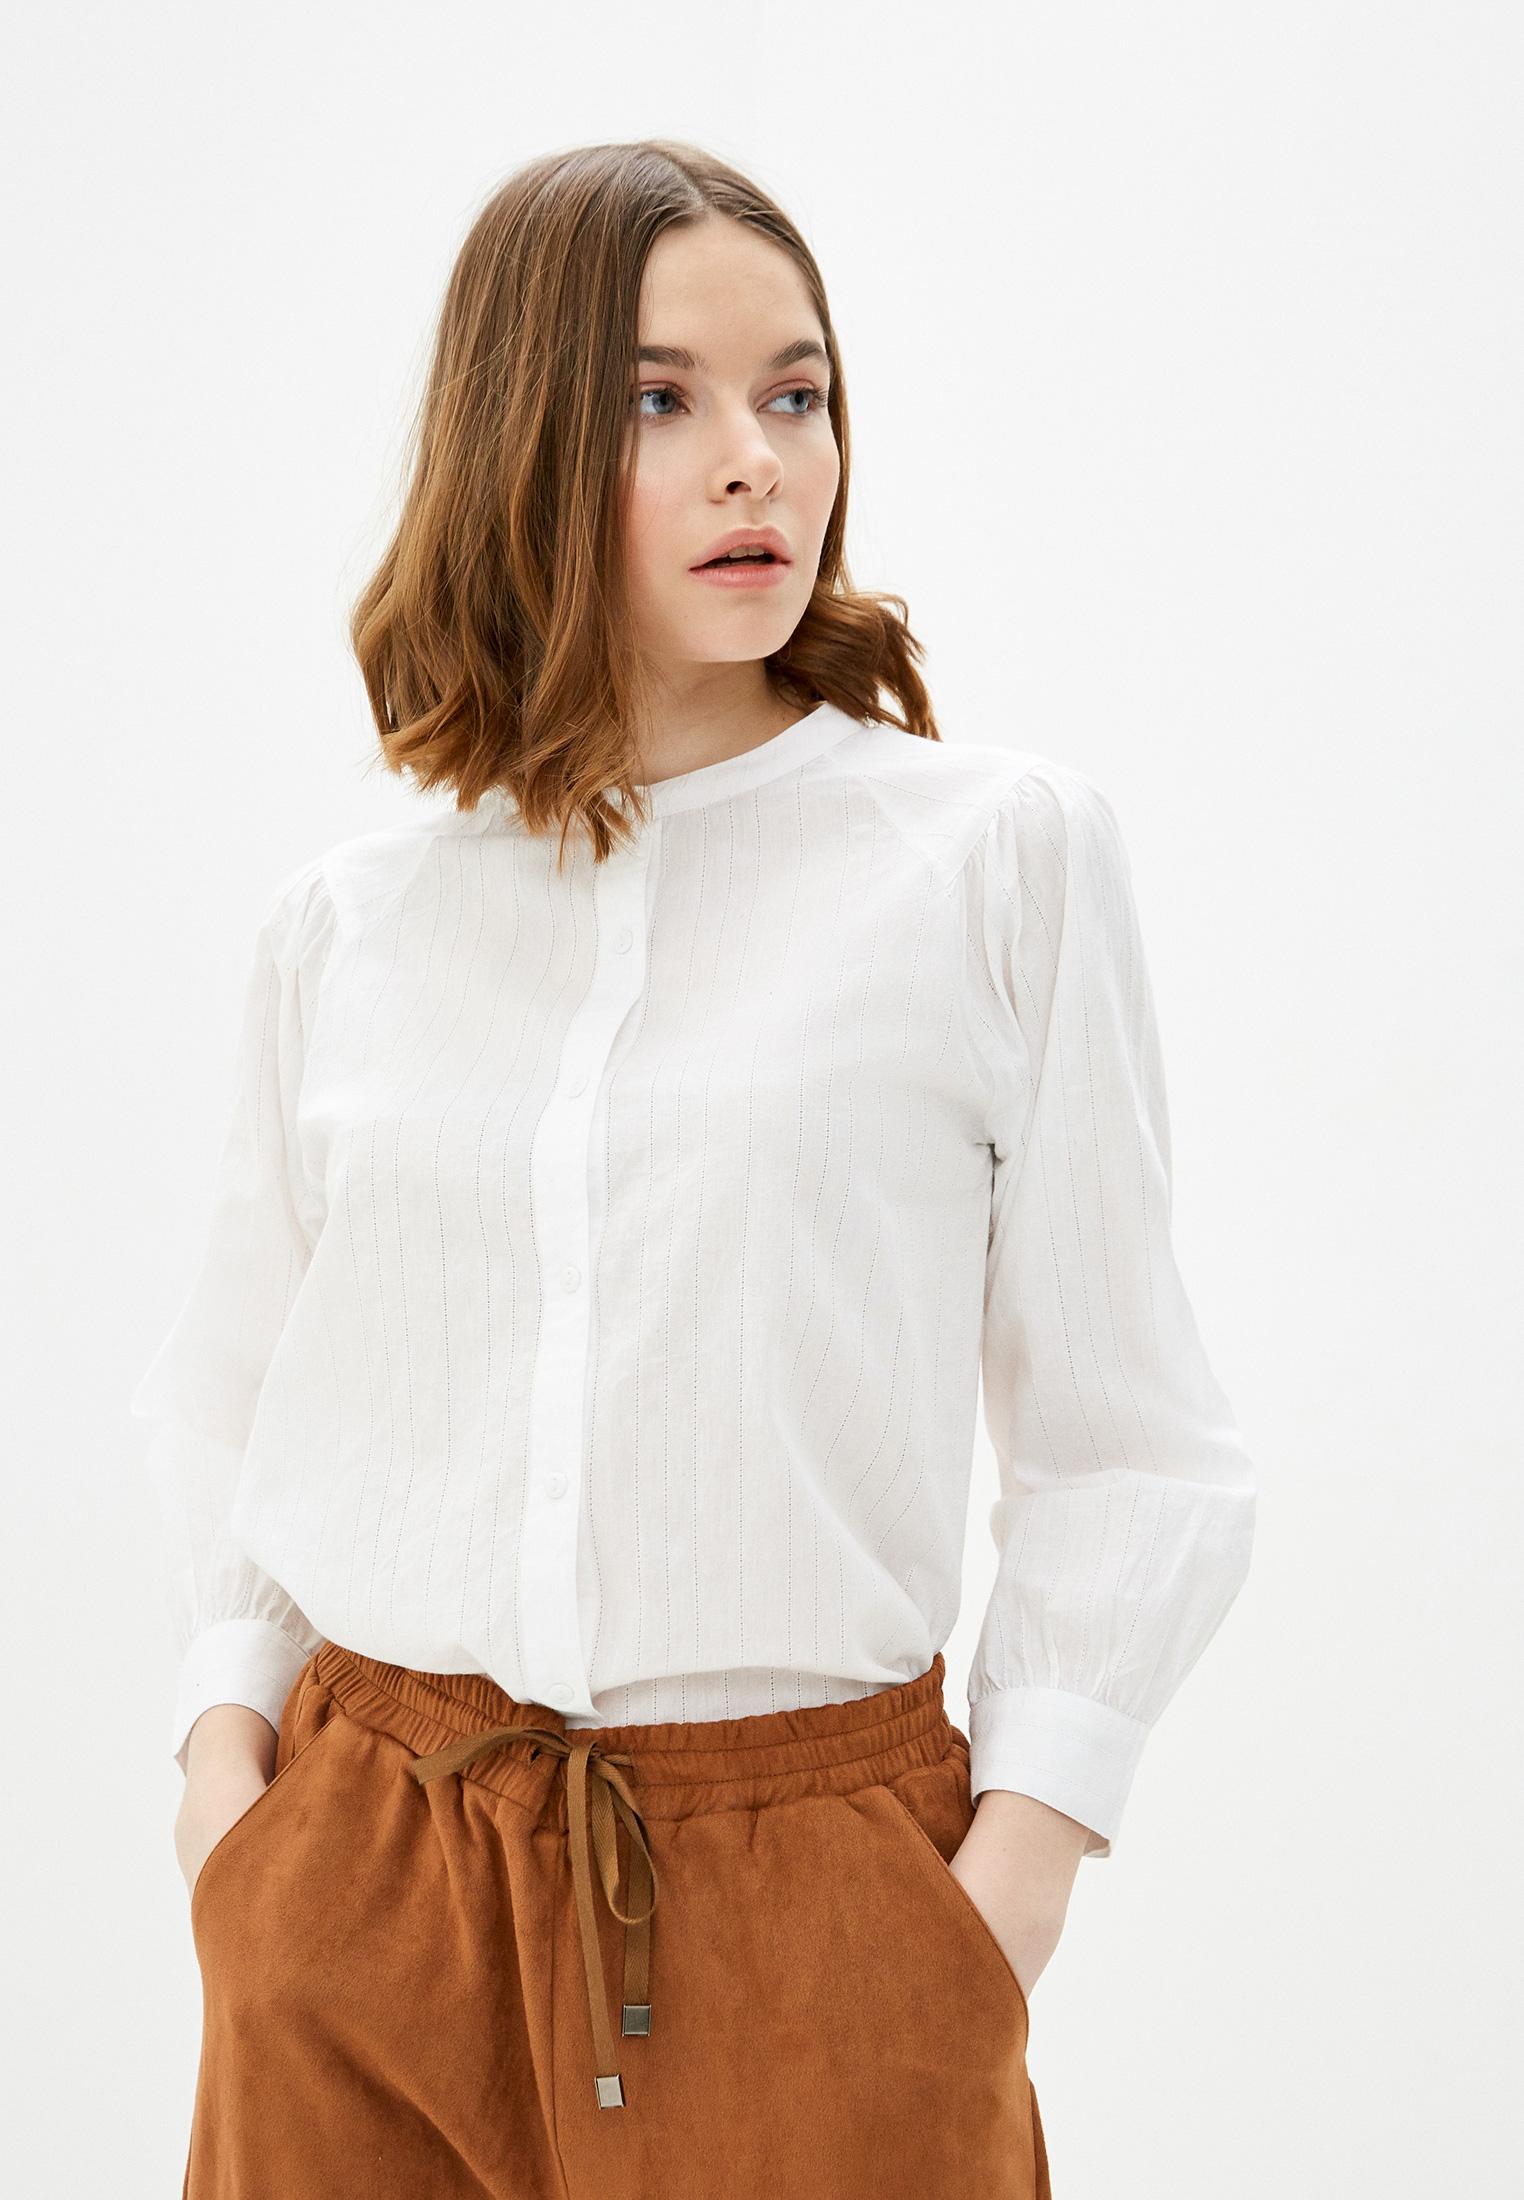 Женские рубашки с длинным рукавом Sparkz Copenhagen 01-01309-02-030